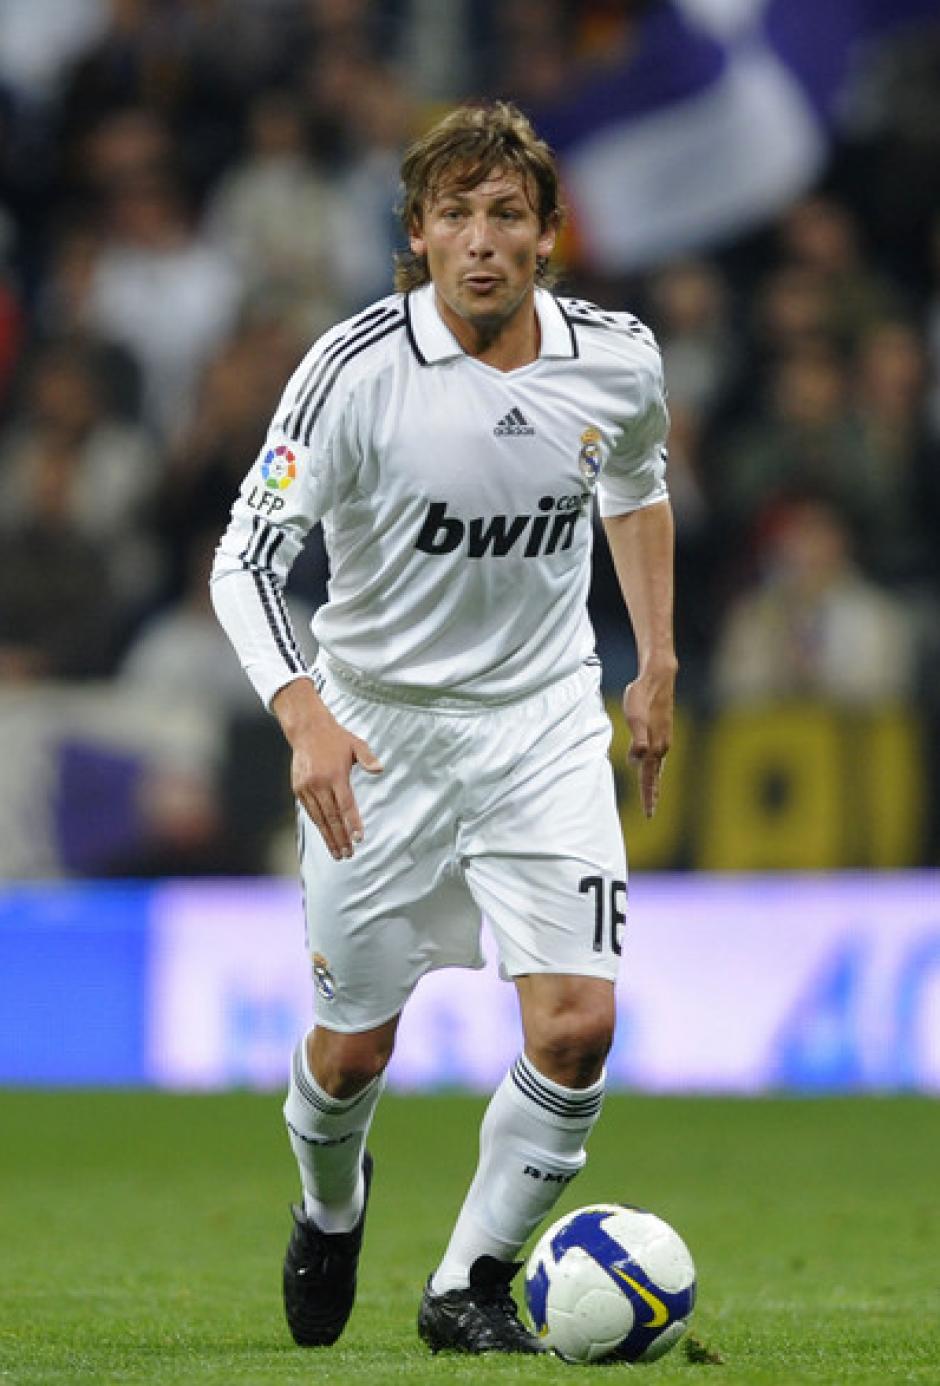 Gabriel Heinze, el entrenador de este equipo y quien jugó en el Real Madrid, sufrió al ver cómo uno de sus pupilos disparaba del penal. (Foto: 101GreatGoals)